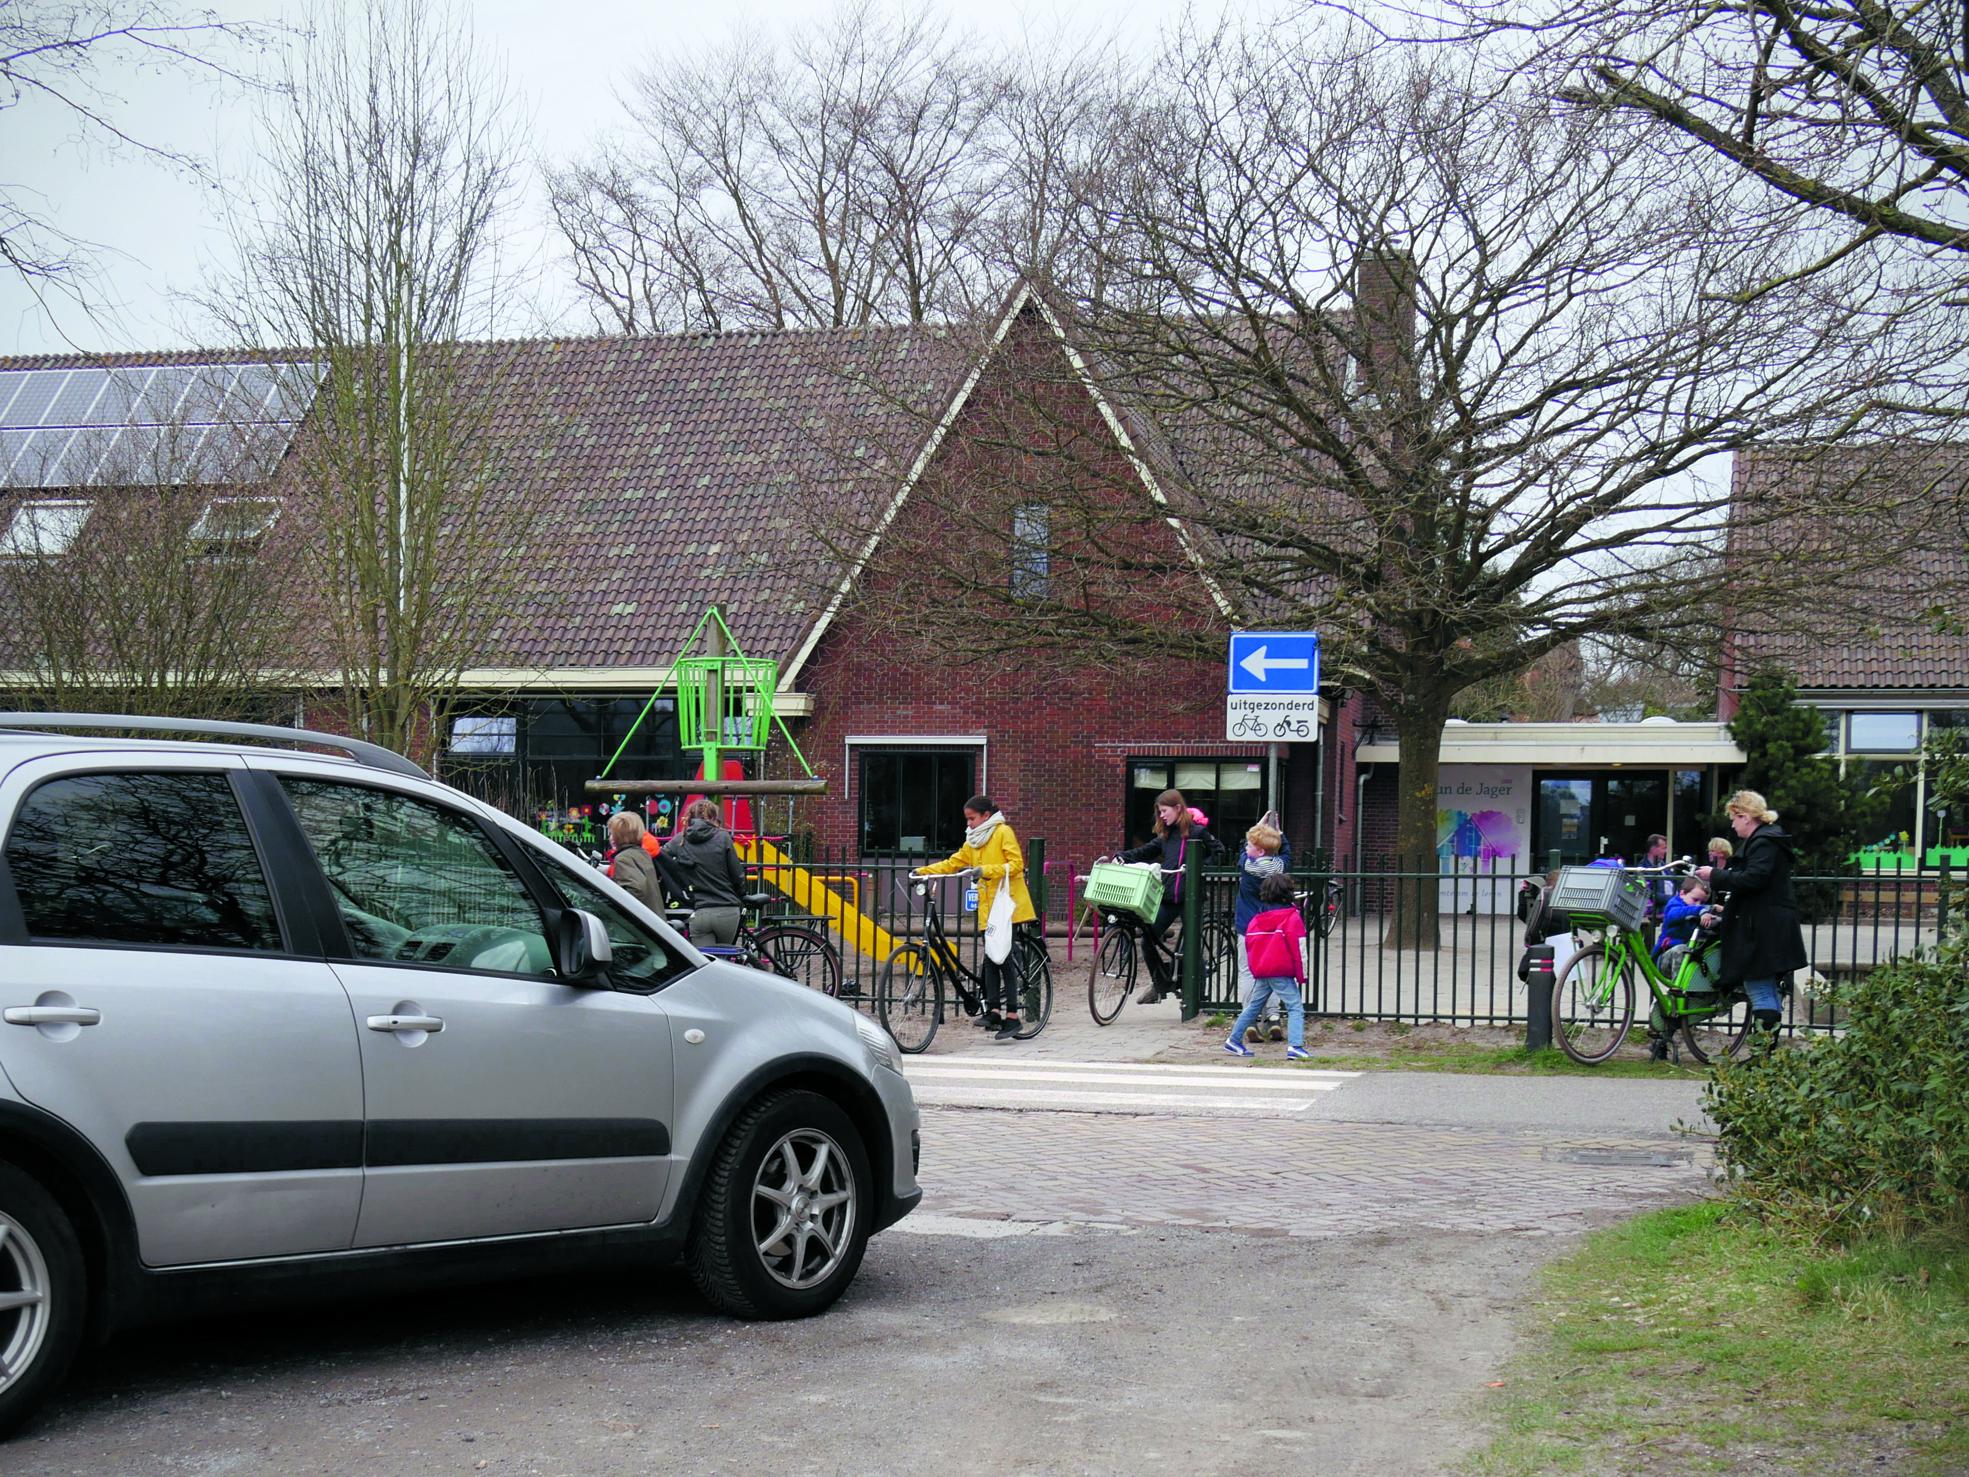 De huidige parkeergelegenheid is alleen nog bereikbaar via de ingang pal voor de school. (Foto: Rodi Media / TL)